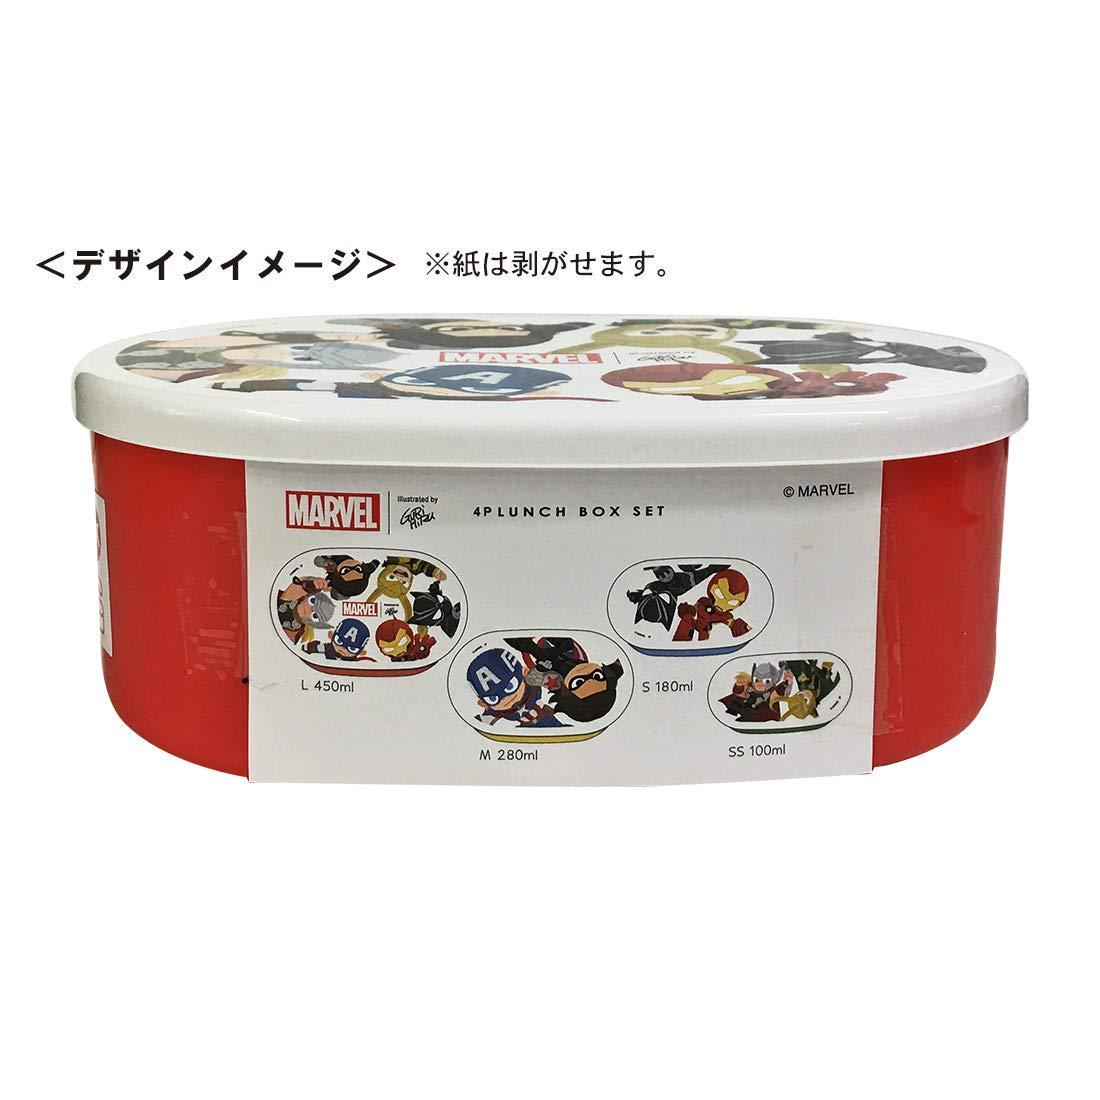 【入荷済】「マーベル」4Pランチボックス 集合